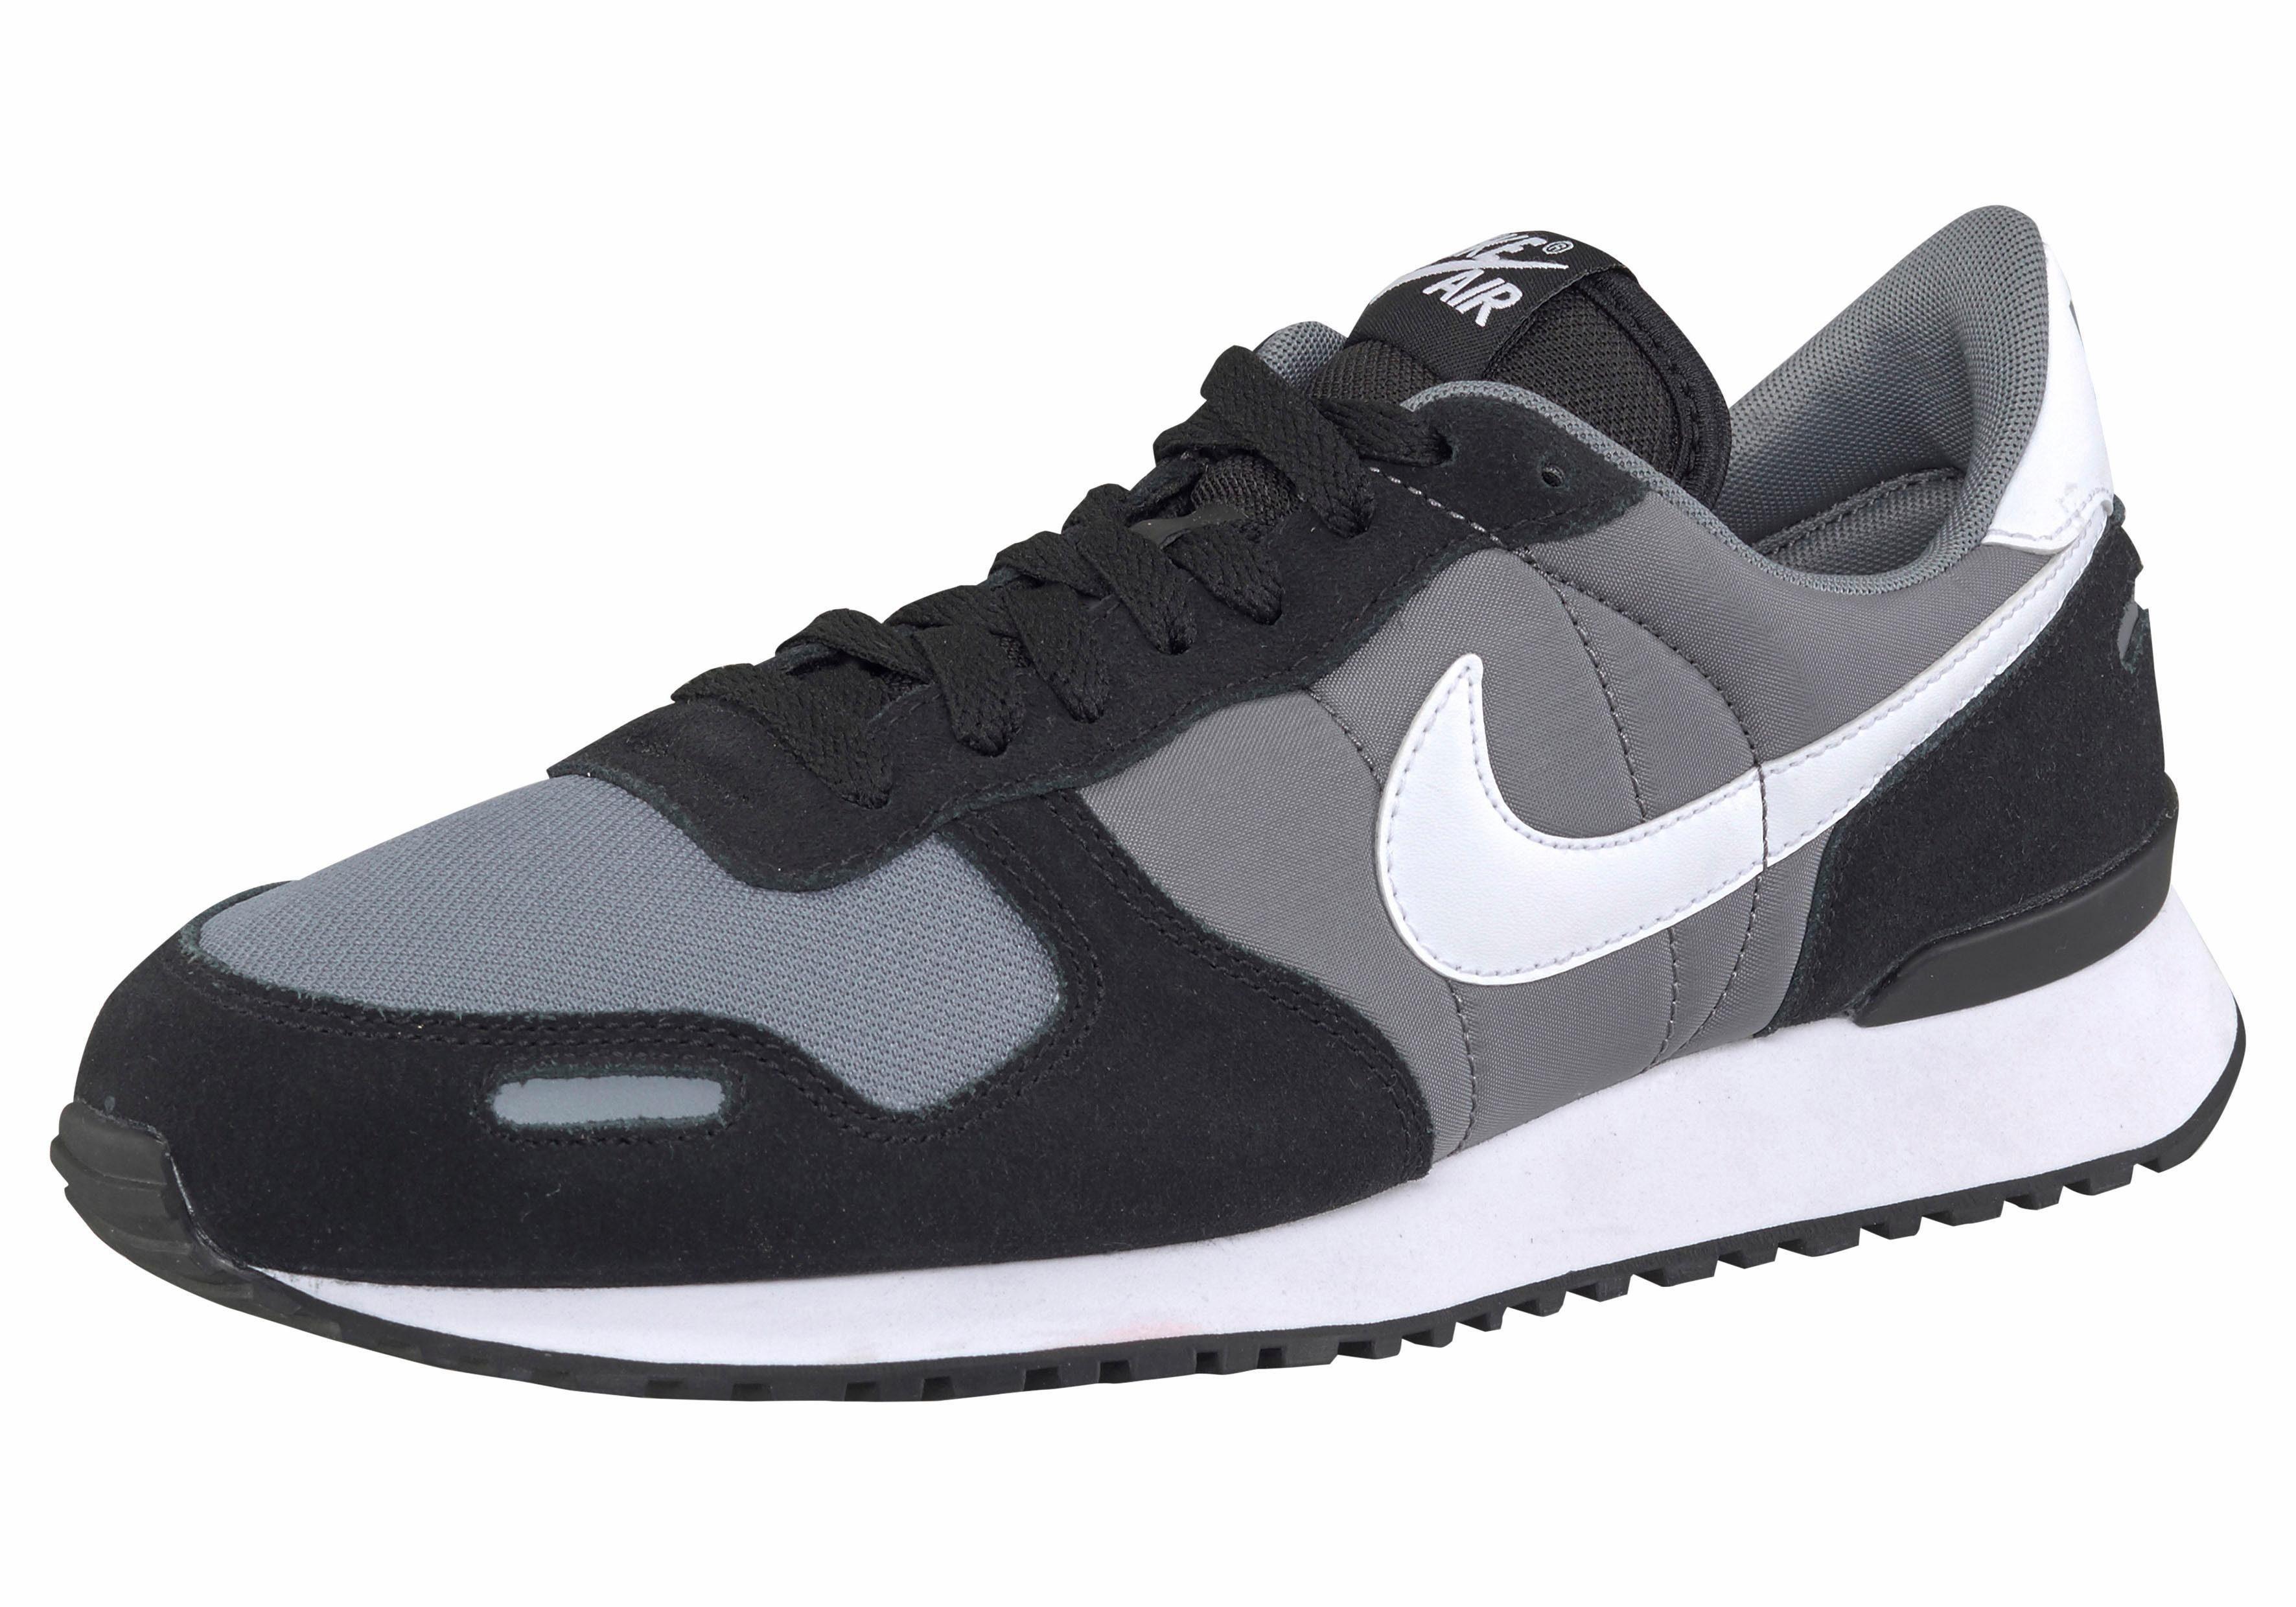 Nike Sportswear »Air Vortex« Sneaker, Schaftrand bequem gepolstert online  kaufen | OTTO